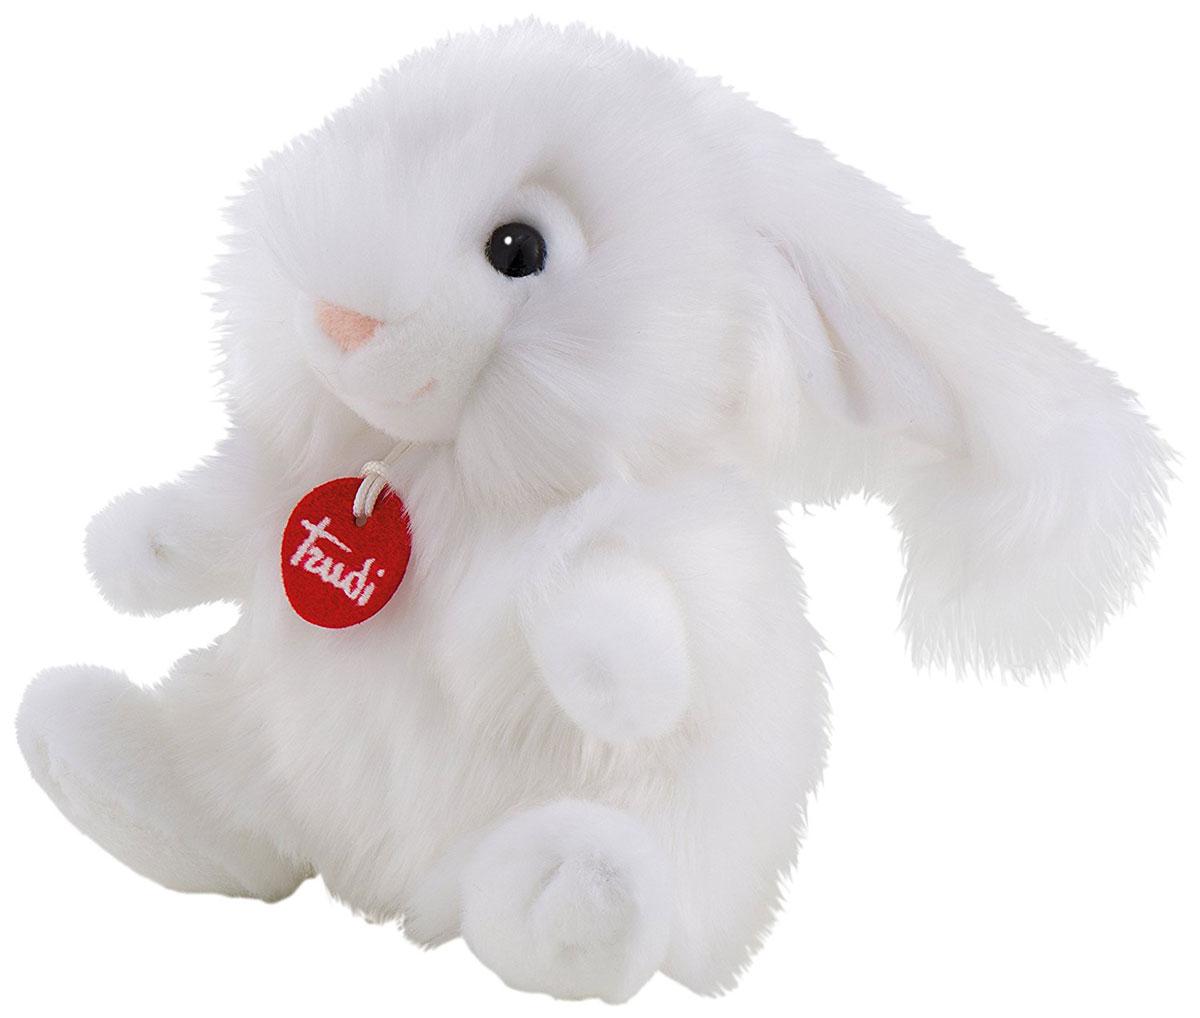 Trudi Мягкая игрушка Зайчик-пушистик 24 см trudi котёнок брэд серо белый 24 см